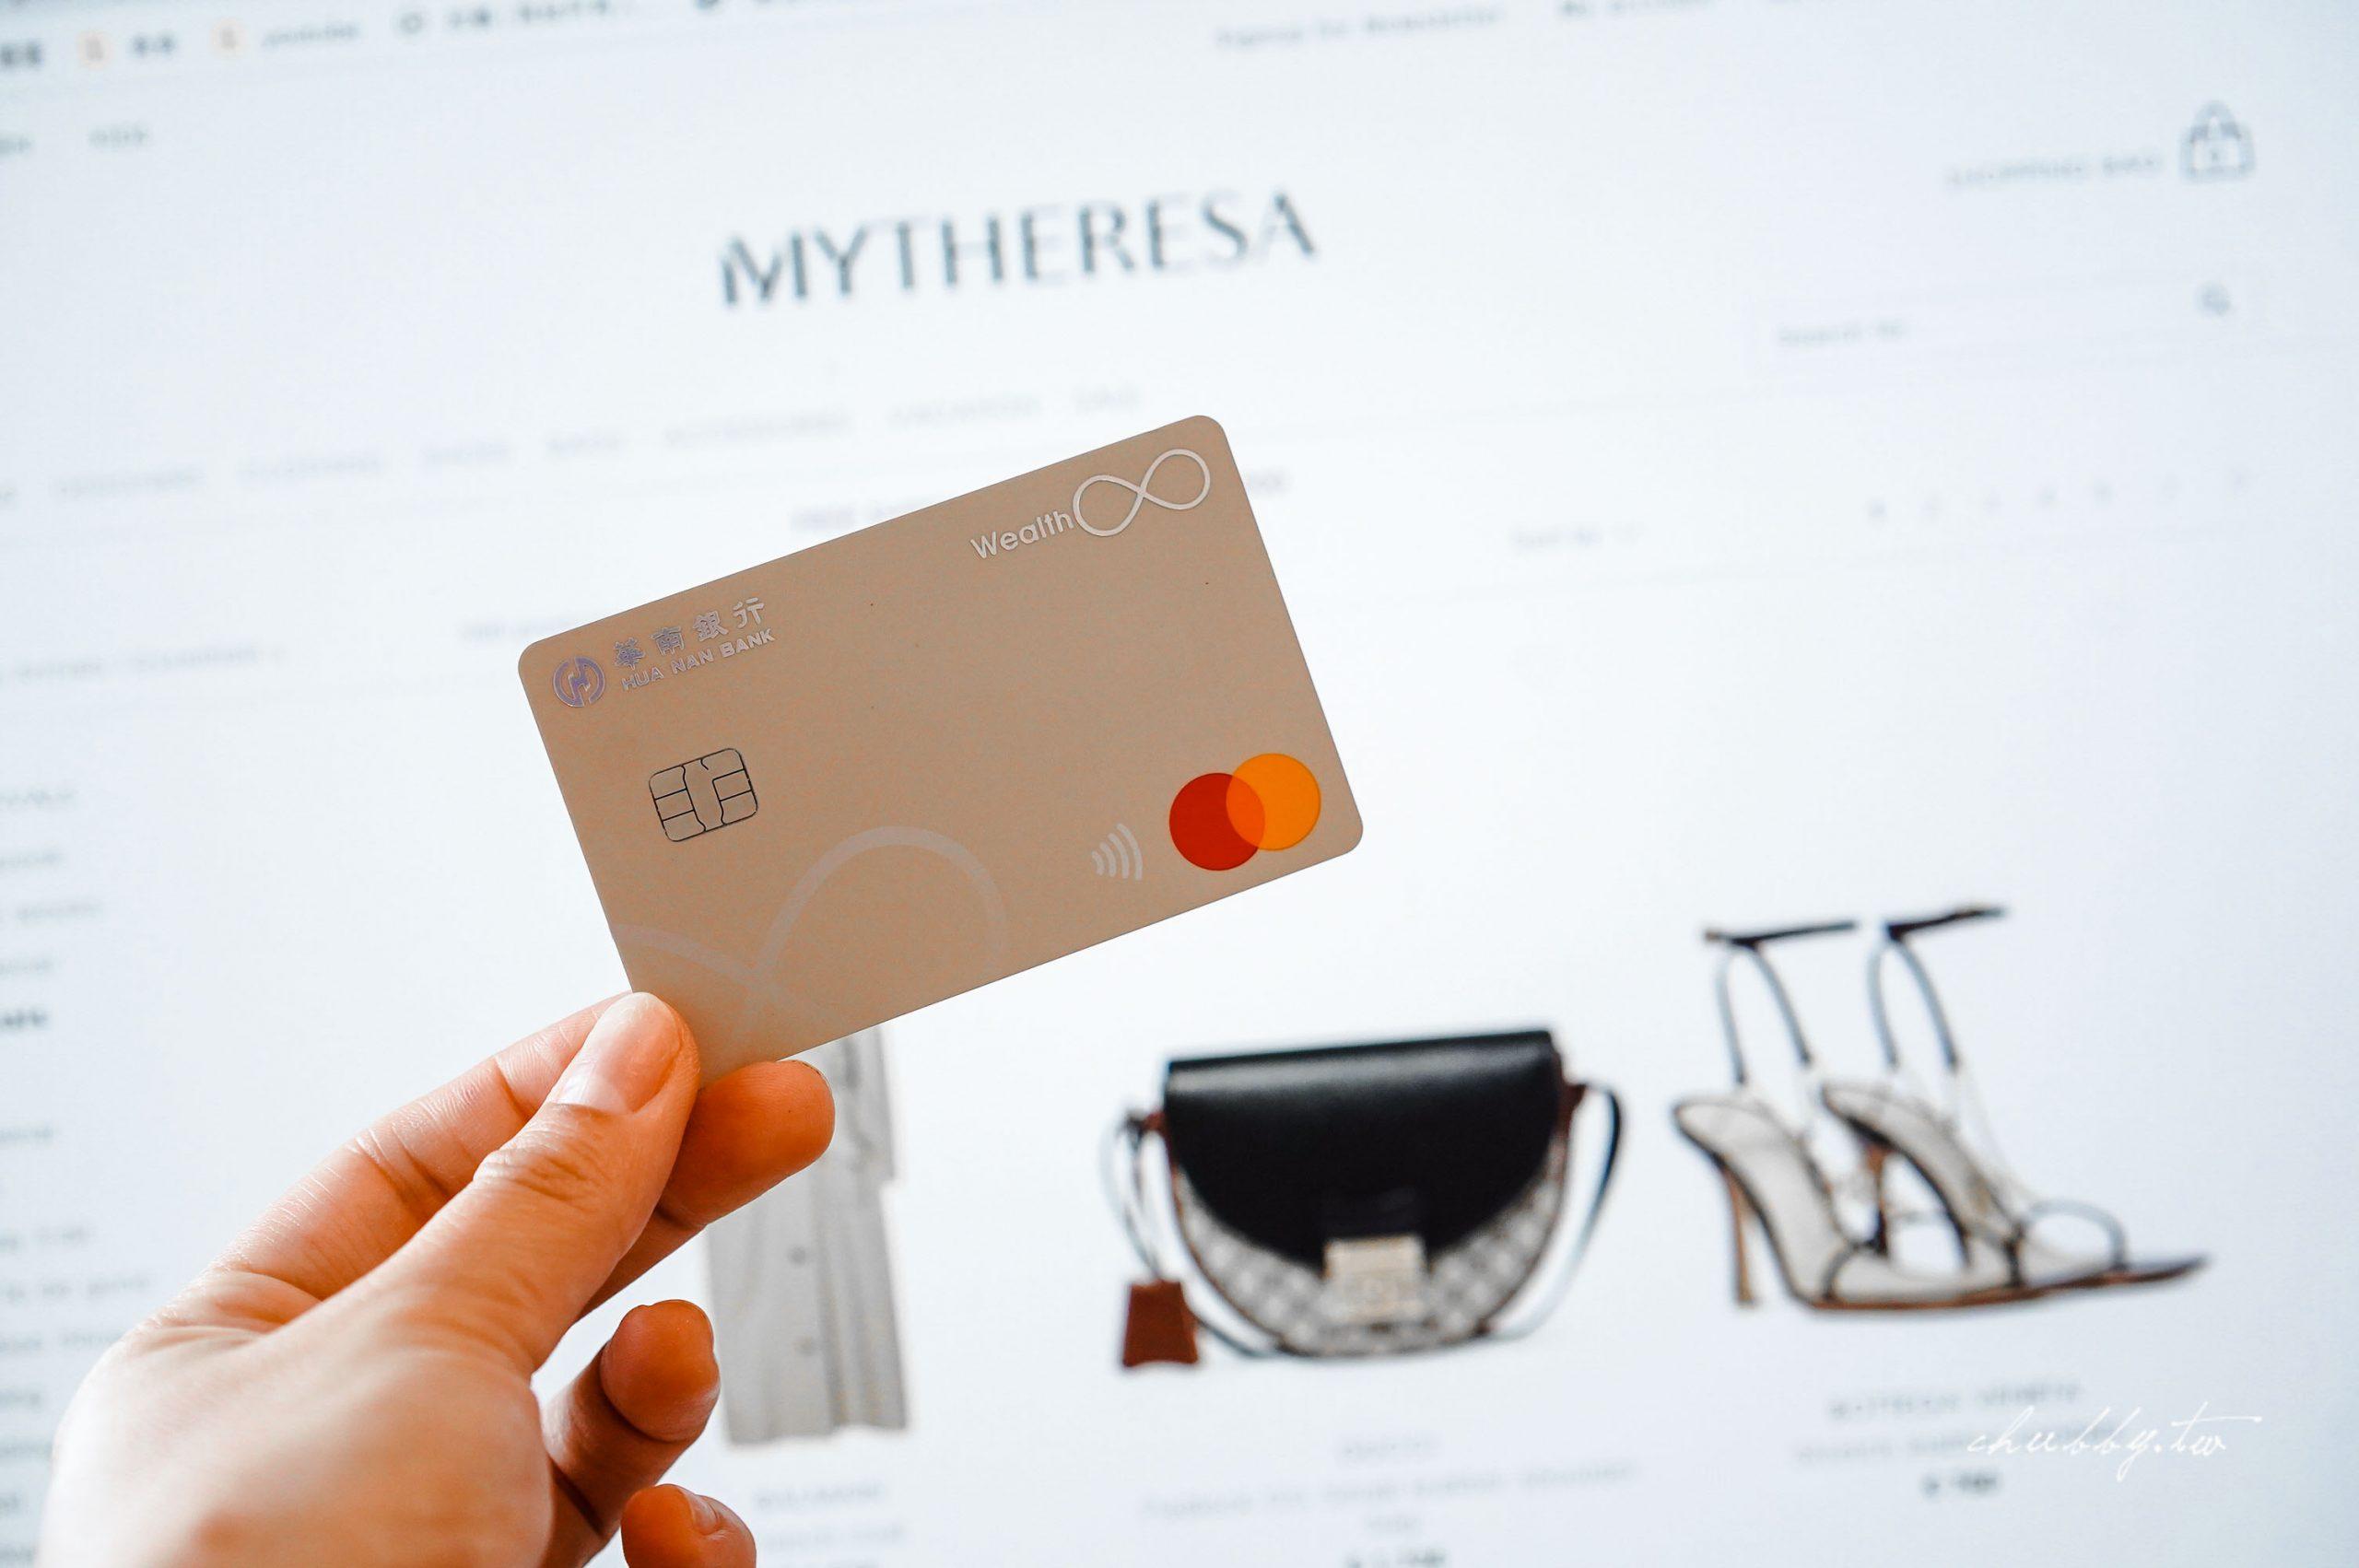 不用再剁手指頭!國外購物網站愛用者必備信用卡:華南銀行Rich+富家卡,幫你一邊儲蓄一邊理財一邊回饋4%-5%